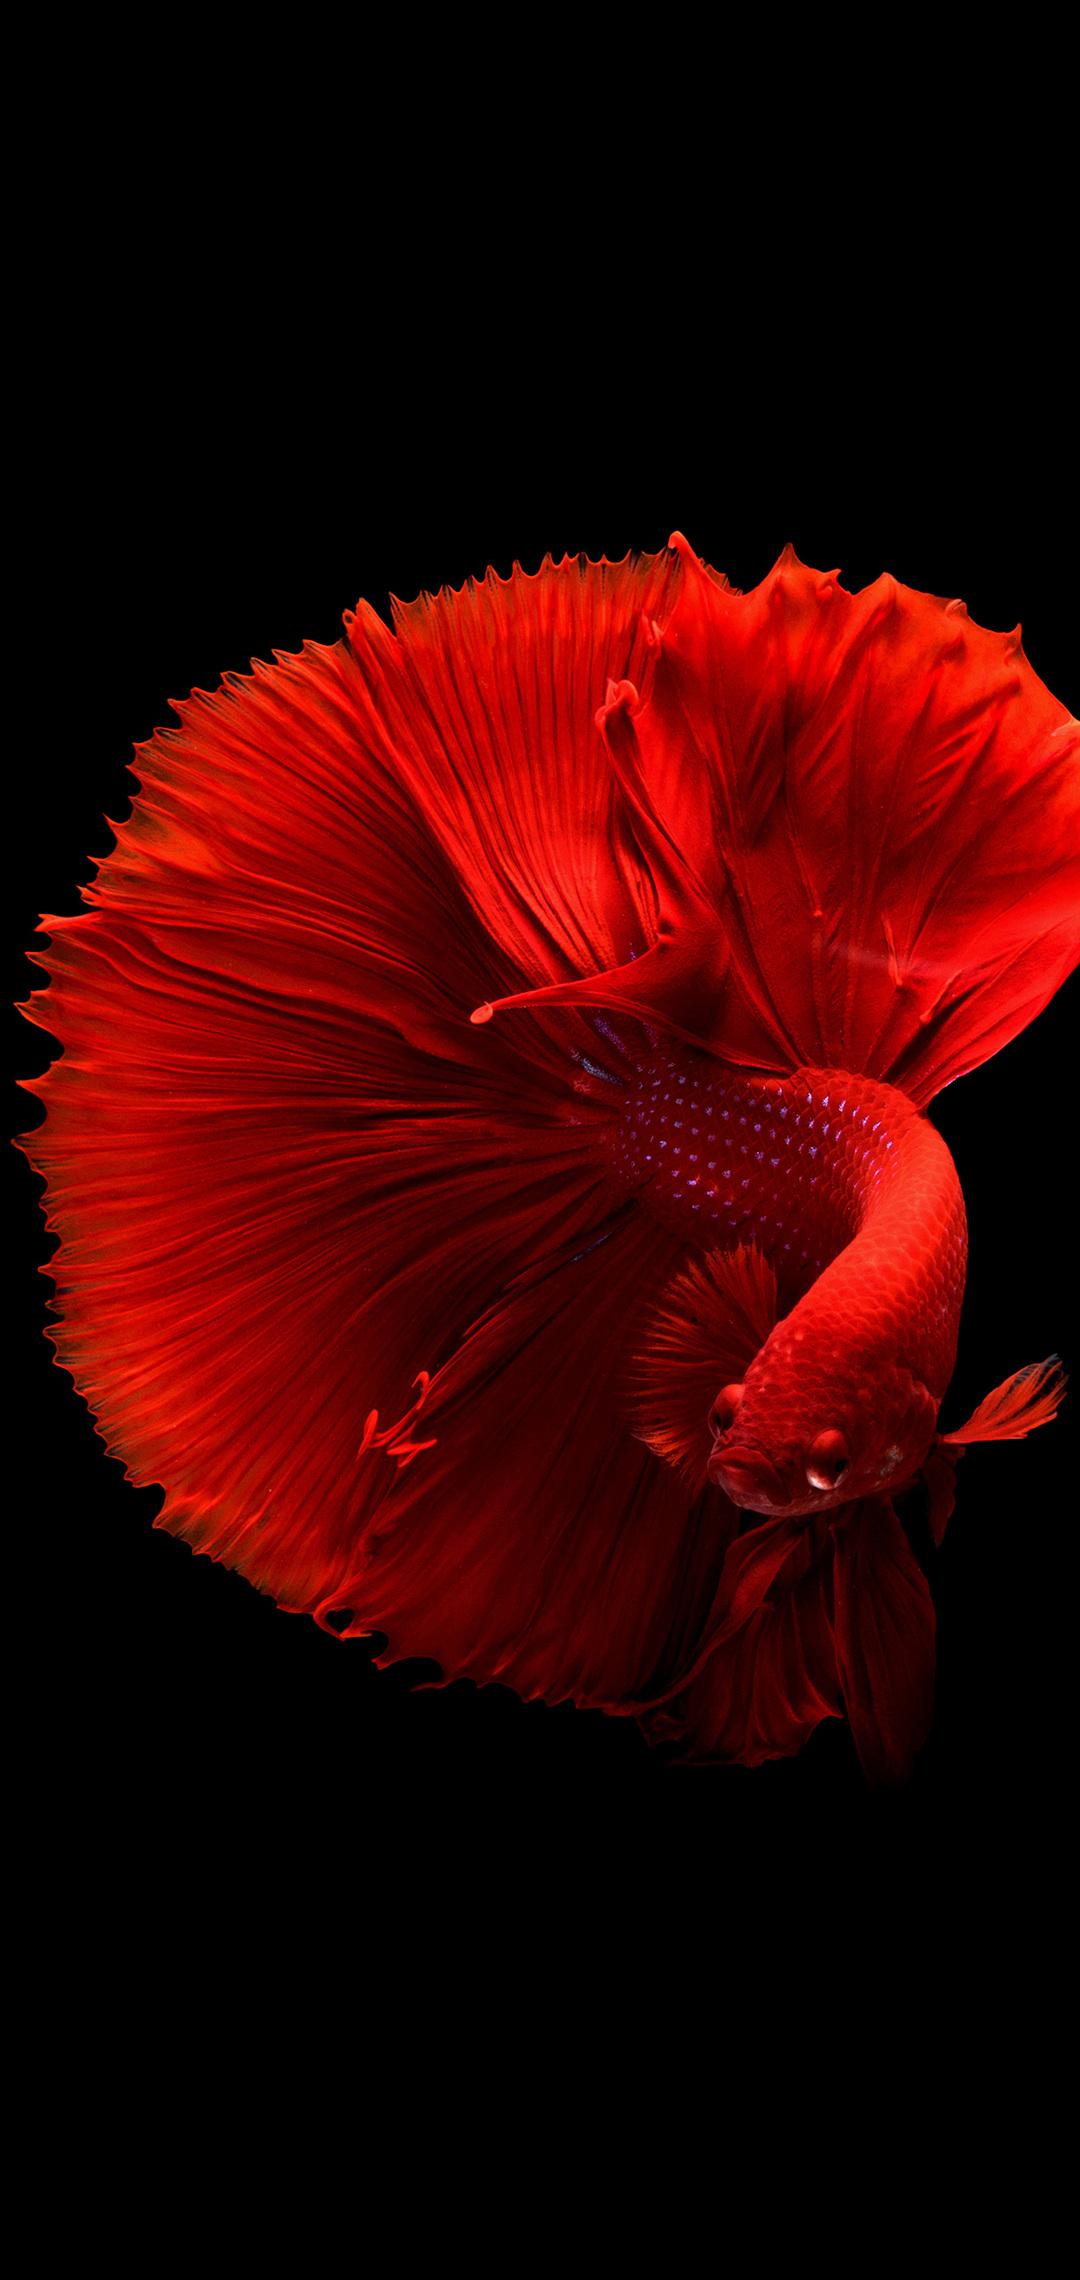 siamese-fighting-fish-4k-p5.jpg